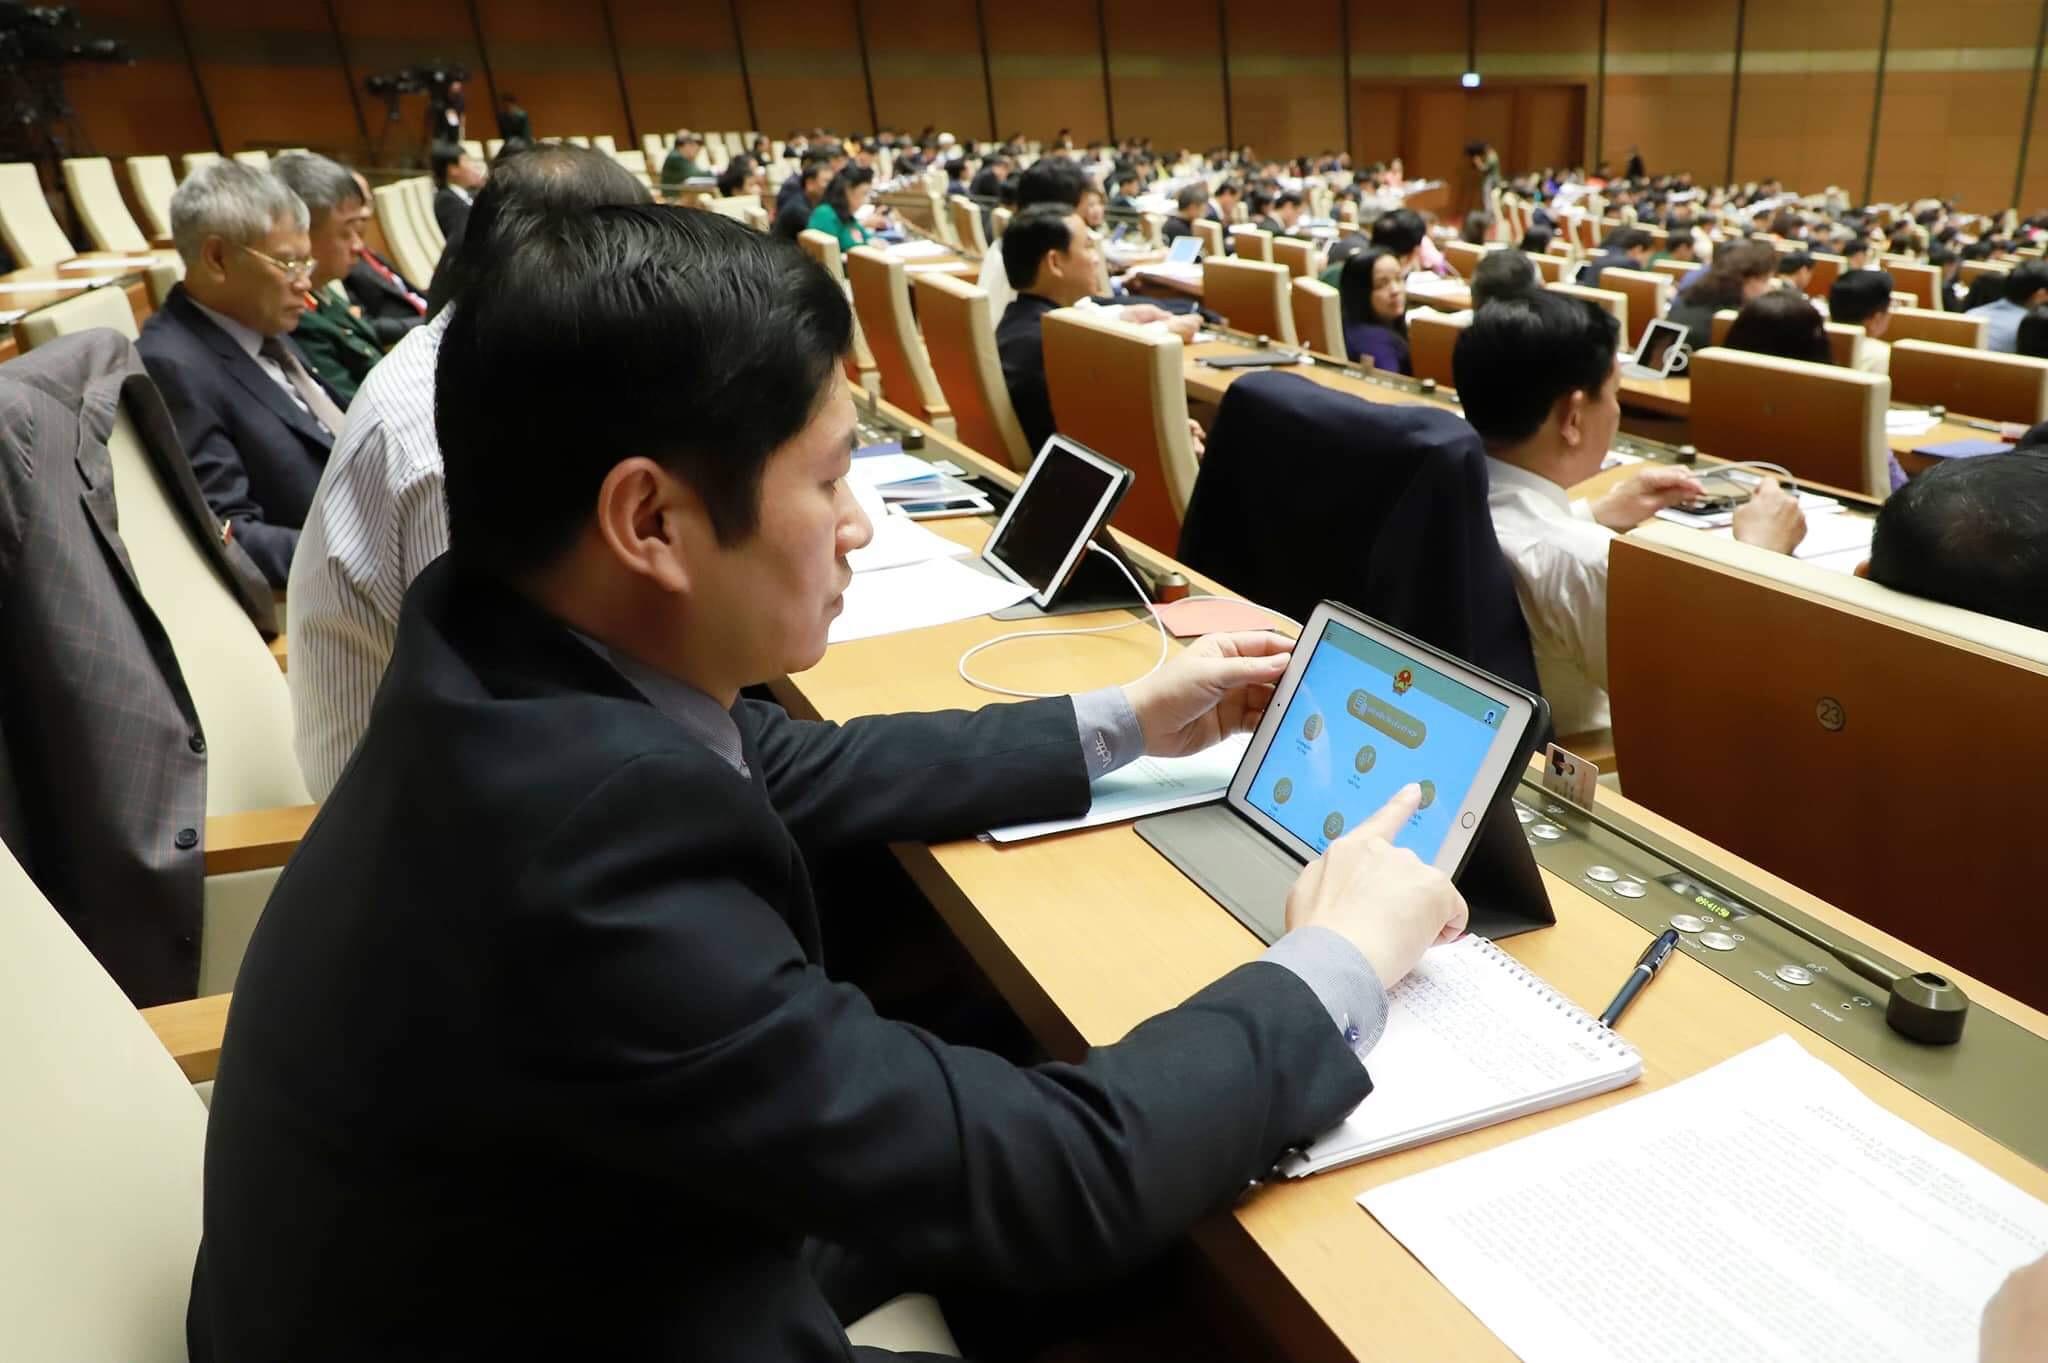 Quốc hội nghe báo cáo về 2 dự án luật trong ngày làm việc đầu tiên